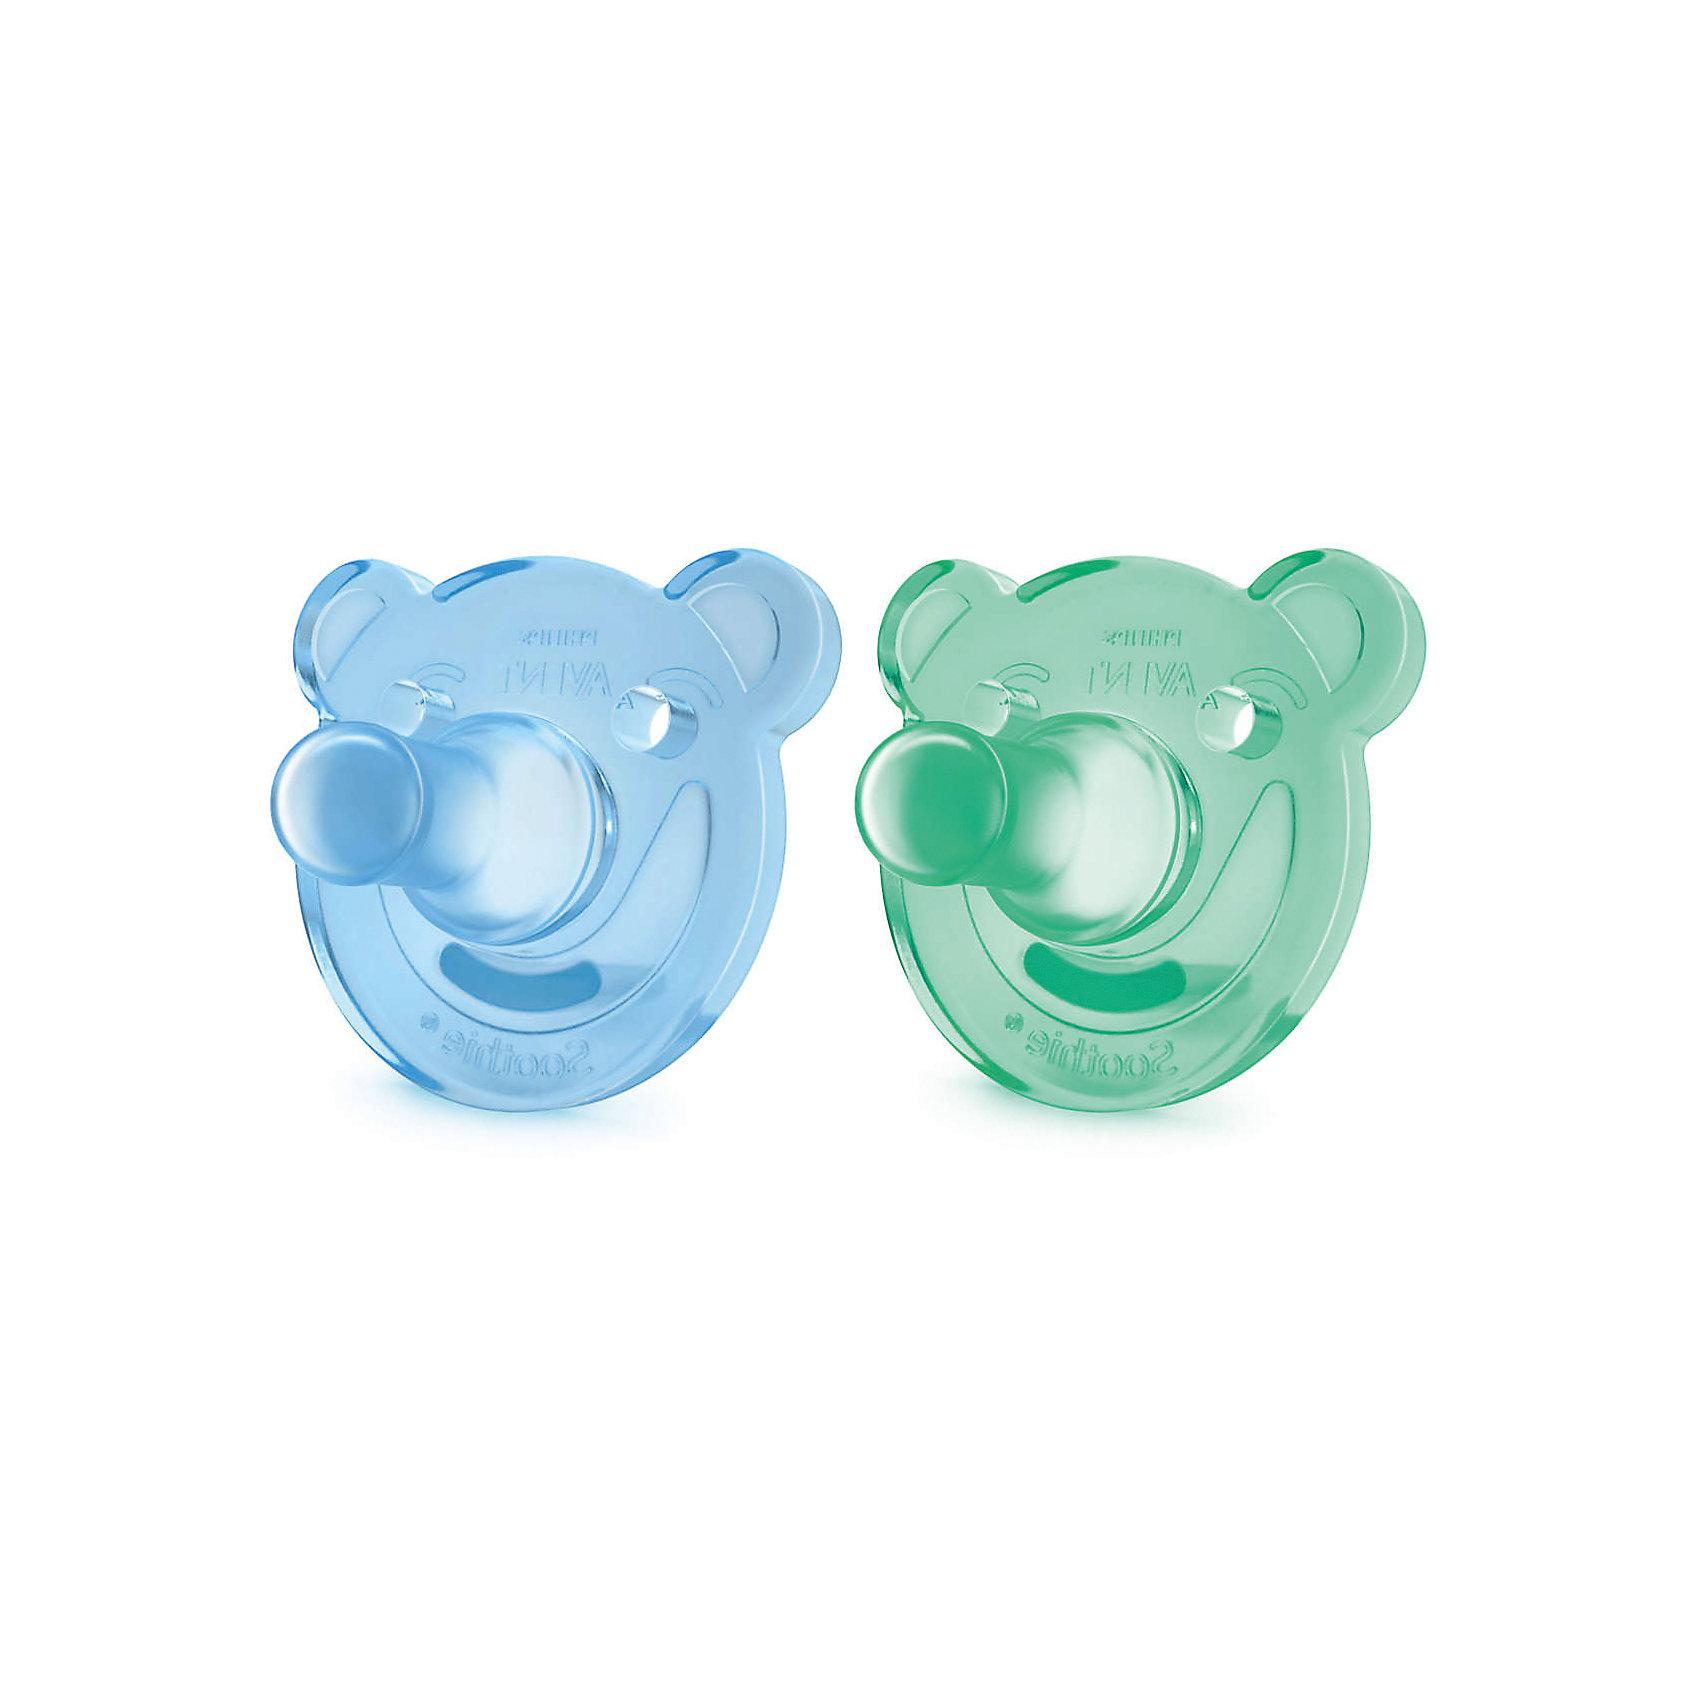 Соска-пустышка с щитком 0-3 мес, 2шт., Philips Avent, зеленый/синийПустышки и аксессуары<br>Это цельная силиконовая соска-пустышка в виде забавного мишки нежнейшего цвета! Соска учитывает строение и естественное развитие неба, зубов и десен малыша.<br><br>Дополнительная информация:<br><br>- Возраст: с рождения до 3 месяцев.<br>- Кол-во в упаковке: 2 шт.<br>- Цвет: зеленый/синий.<br>- Состав: высококачественный силикон.<br>- Размер упаковки: 4,8х10,3х11,5 см.<br>- Вес в упаковке: 68 г. <br><br>Купить соску-пустышку от Philips Avent, можно в нашем магазине.<br><br>Ширина мм: 48<br>Глубина мм: 103<br>Высота мм: 115<br>Вес г: 68<br>Возраст от месяцев: 0<br>Возраст до месяцев: 3<br>Пол: Мужской<br>Возраст: Детский<br>SKU: 4880883